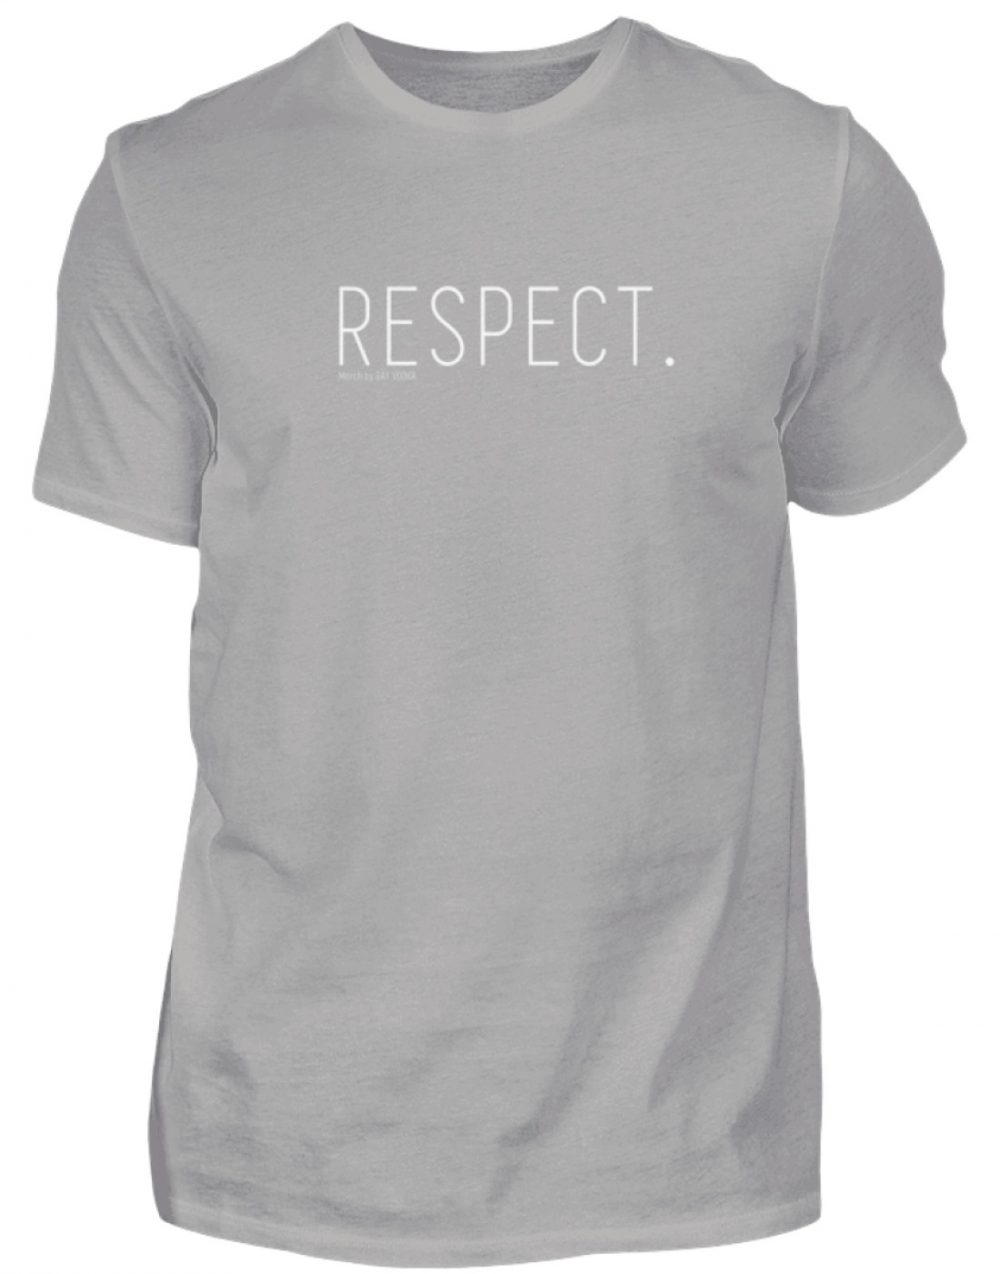 RESPECT. - Herren Premiumshirt-2998